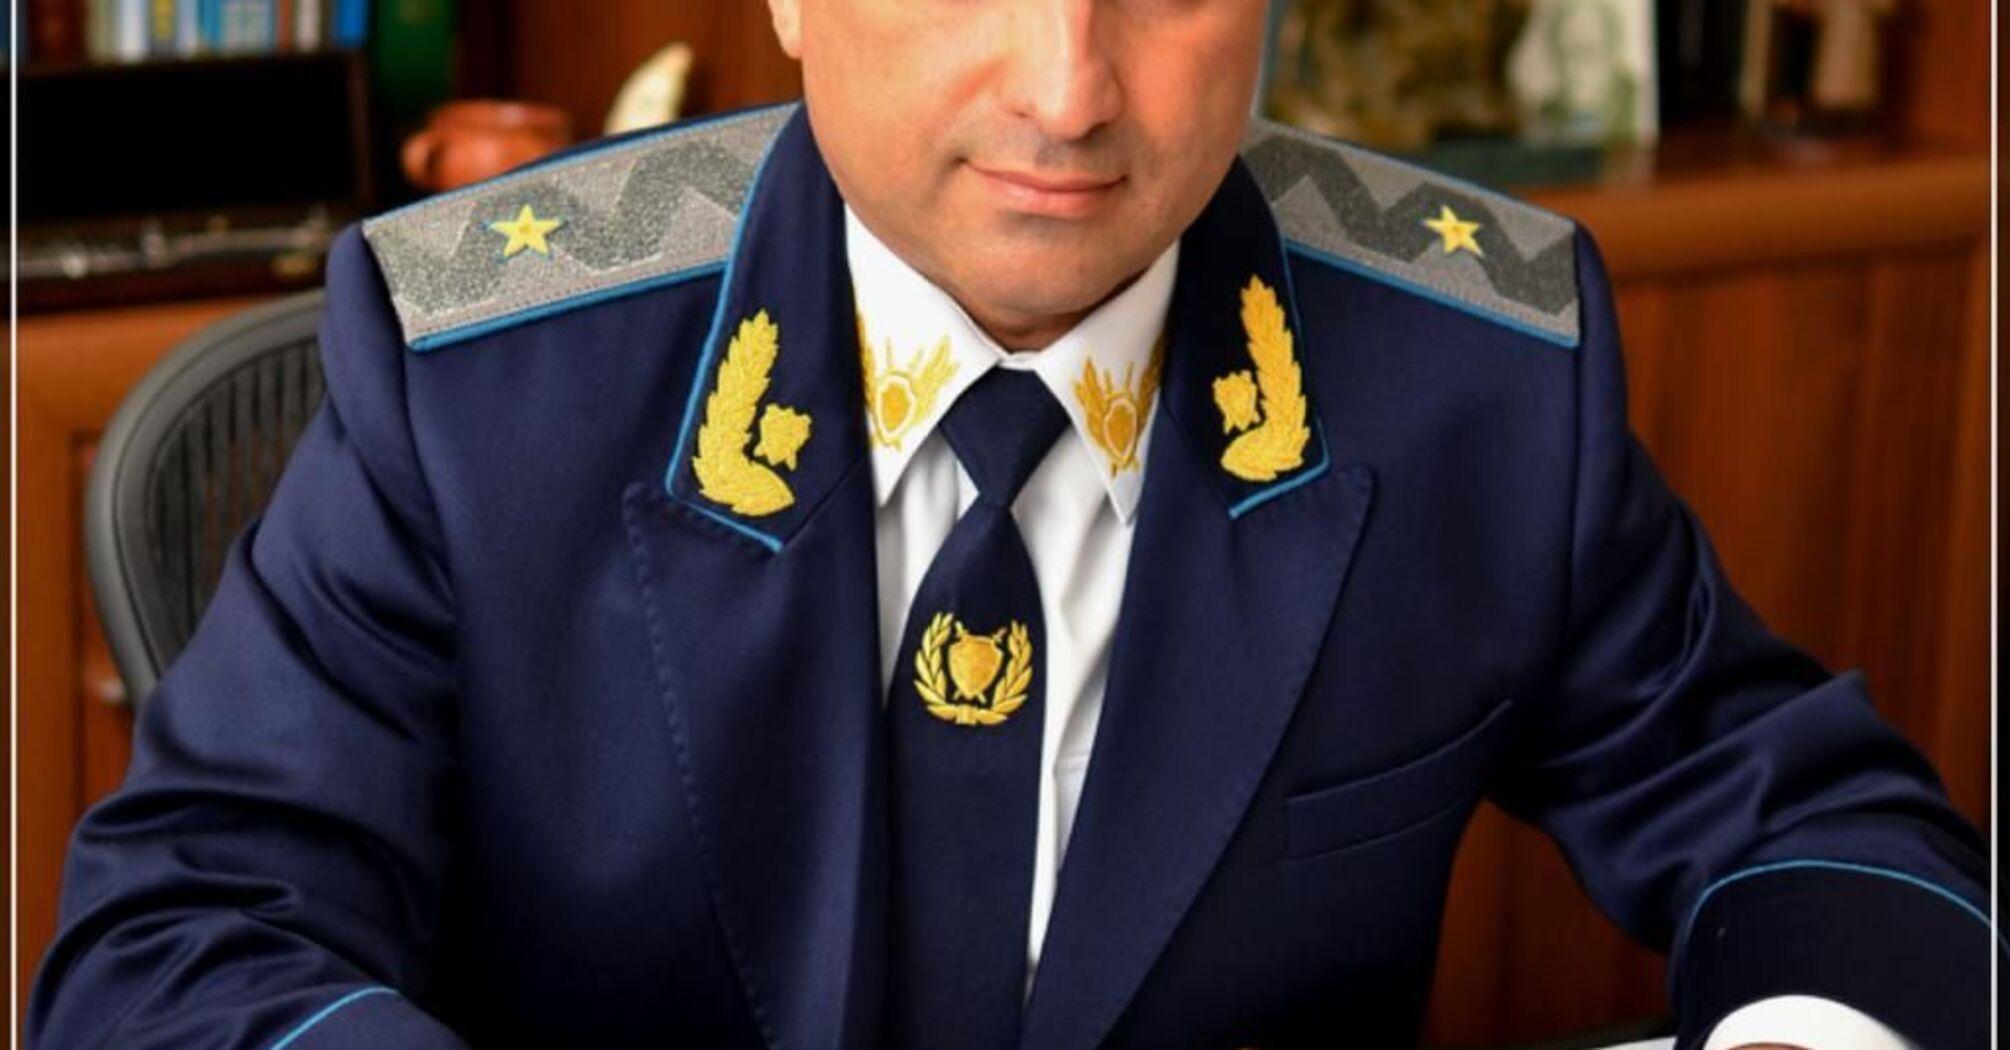 Правозахисні організації звернулися до Президента щодо недопущення тиску на заступника Генерального прокурора Гюндуза Мамедова